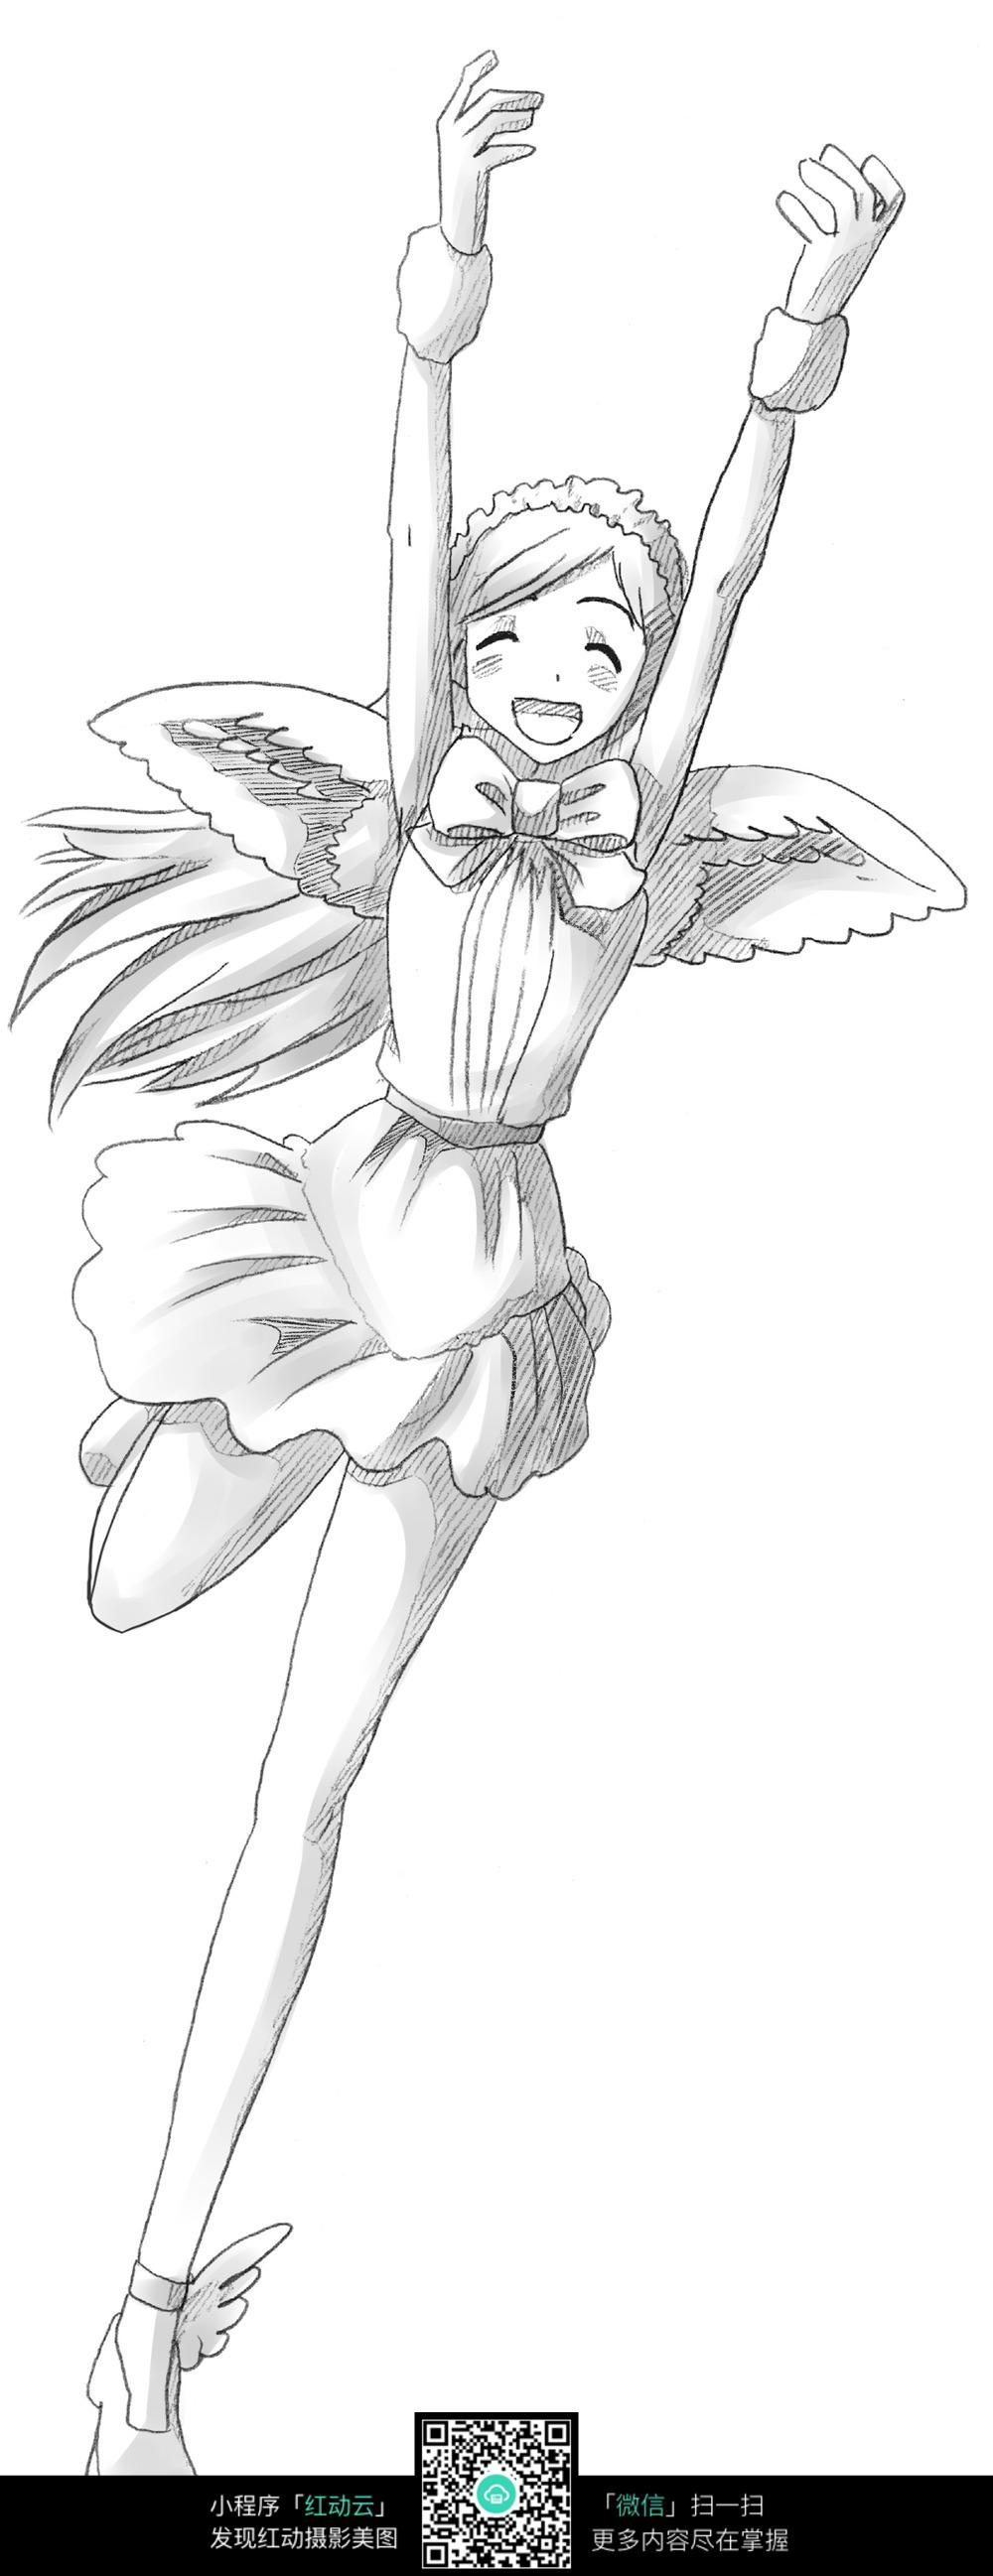 奔跑的少女卡通手绘线稿